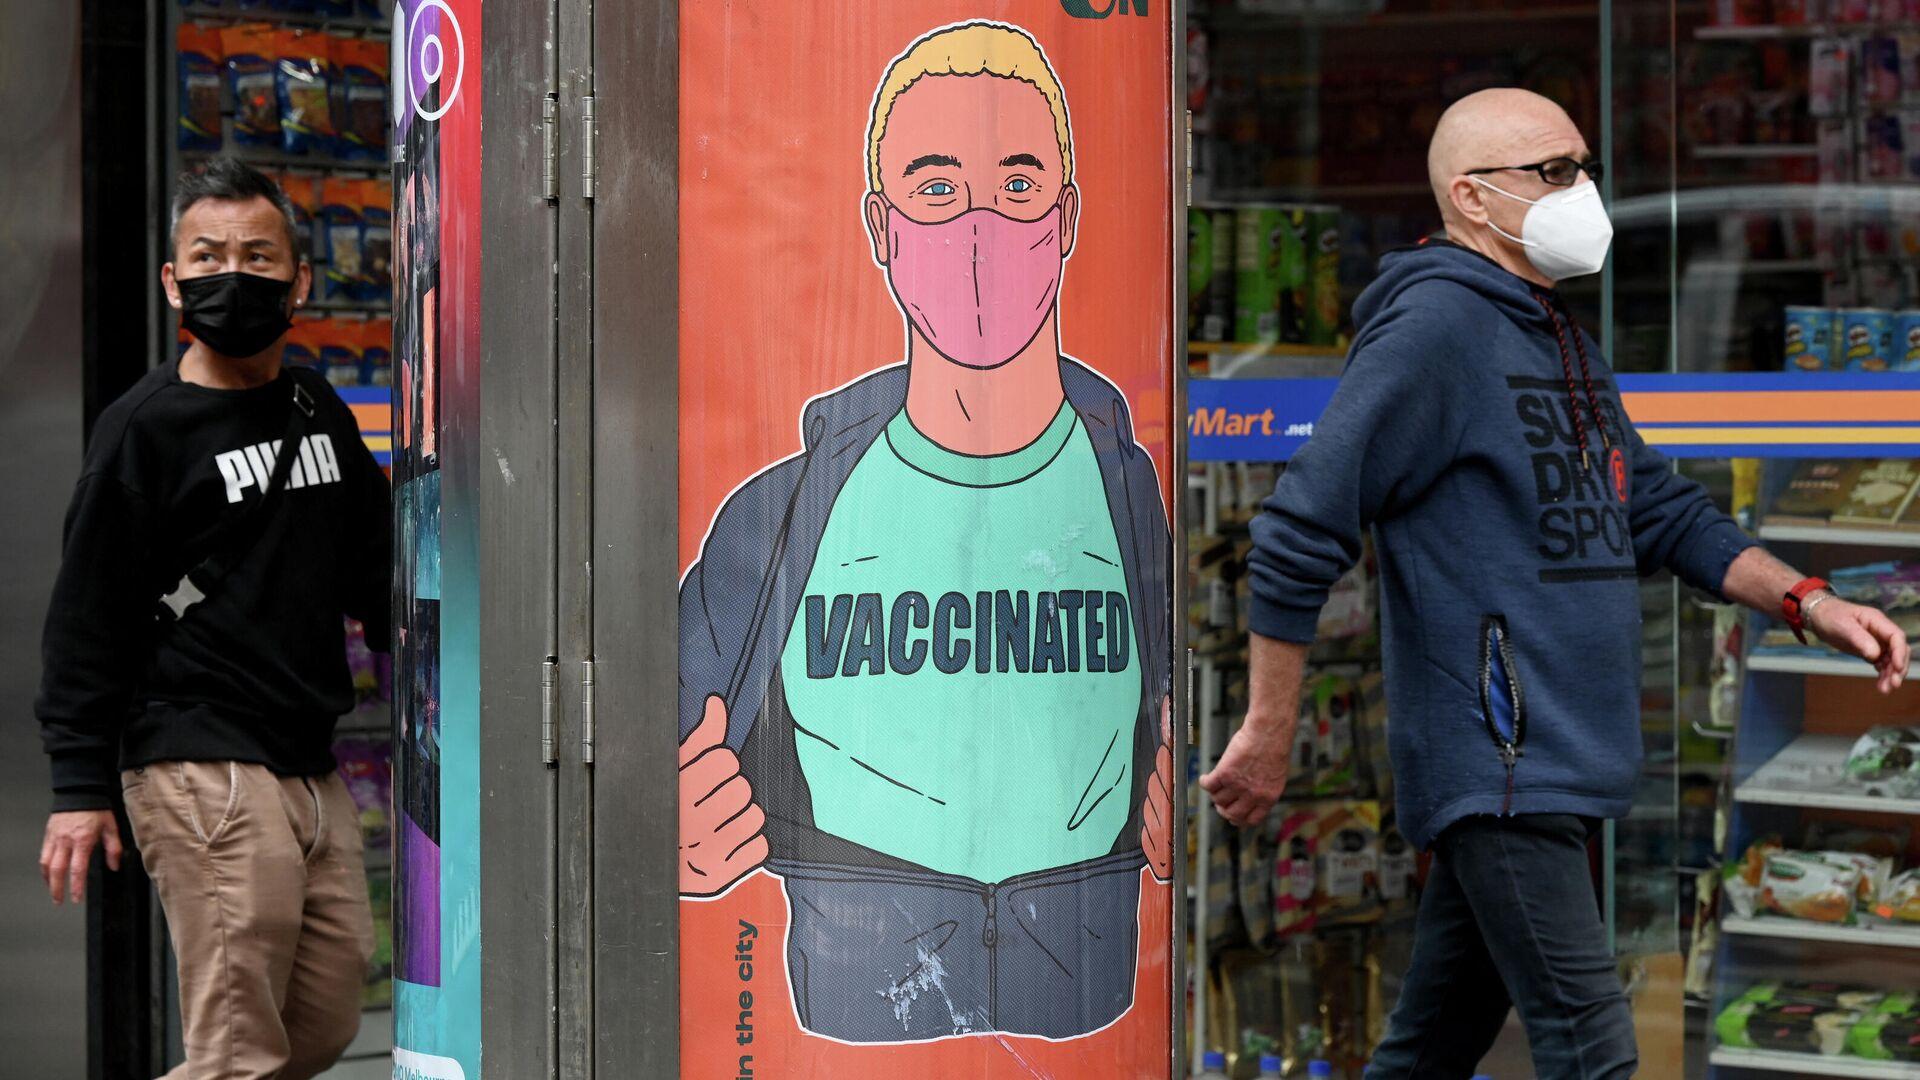 Пандемия коронавируса - люди в масках и призывы к вакцинации - Sputnik Грузия, 1920, 06.10.2021